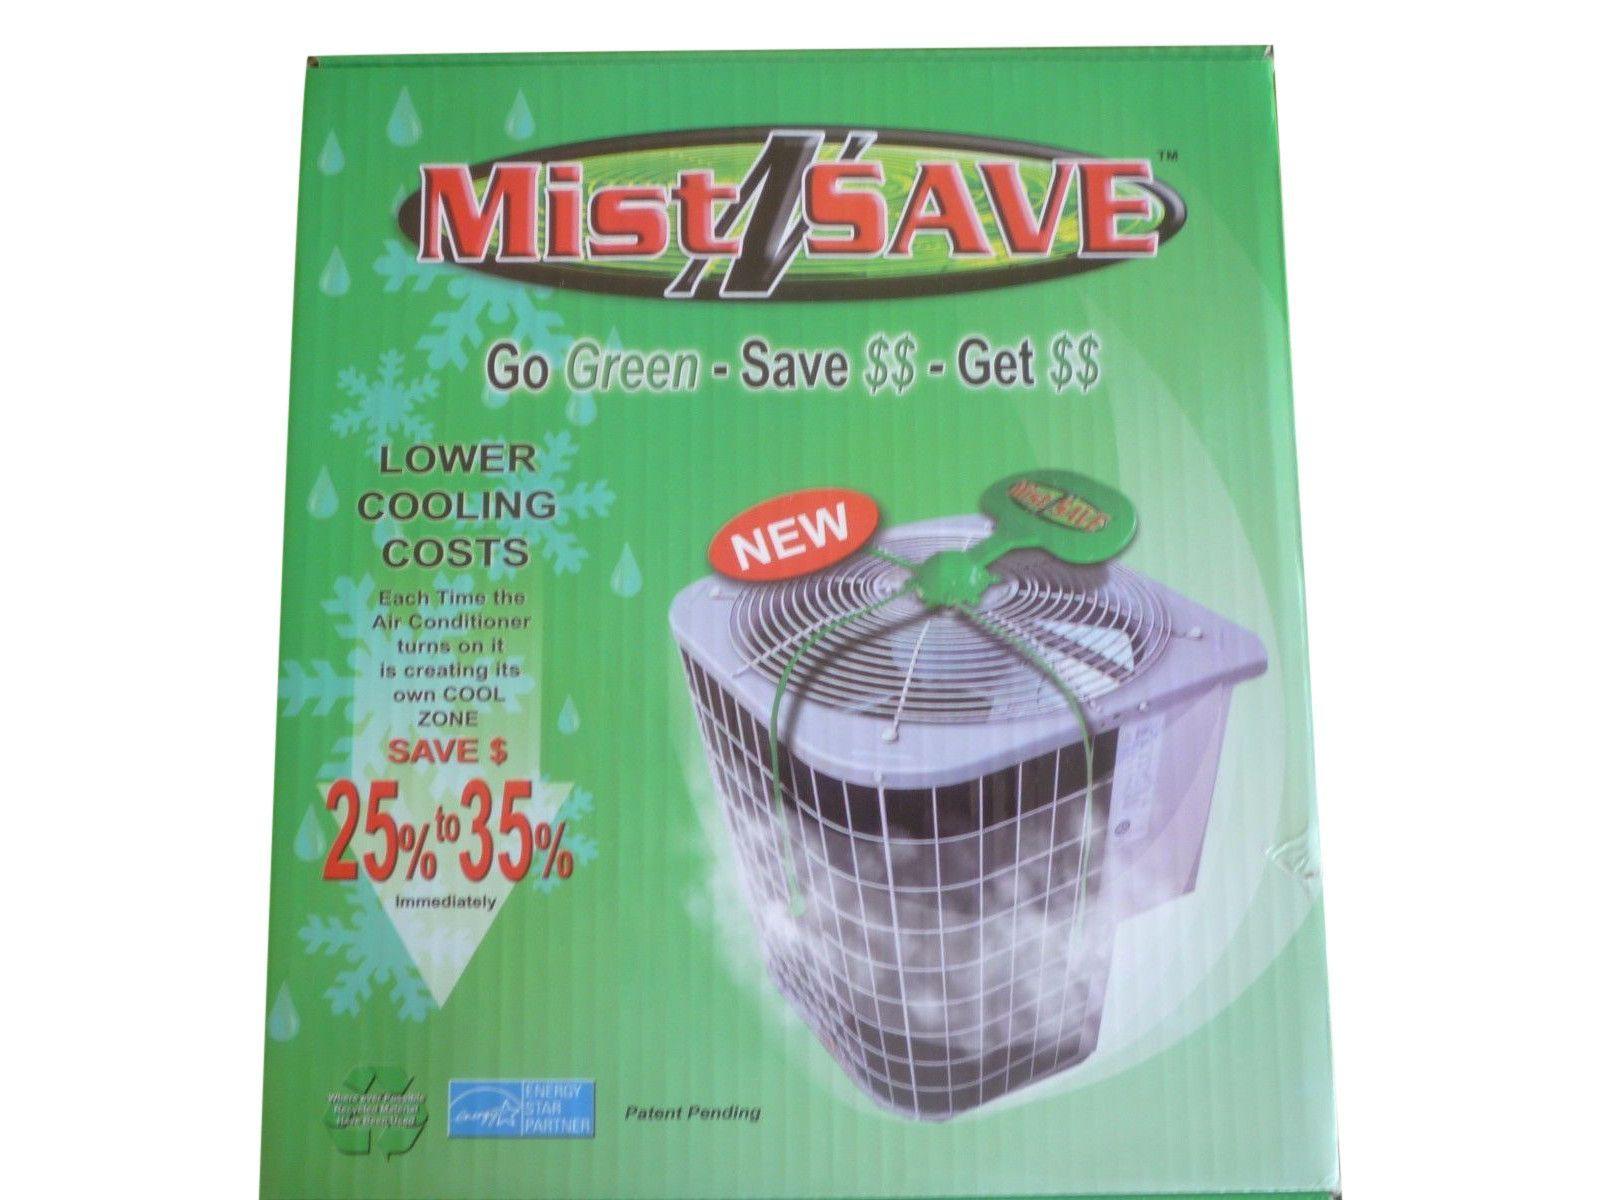 MistNSave AC Misting System Electricity saver, Mists